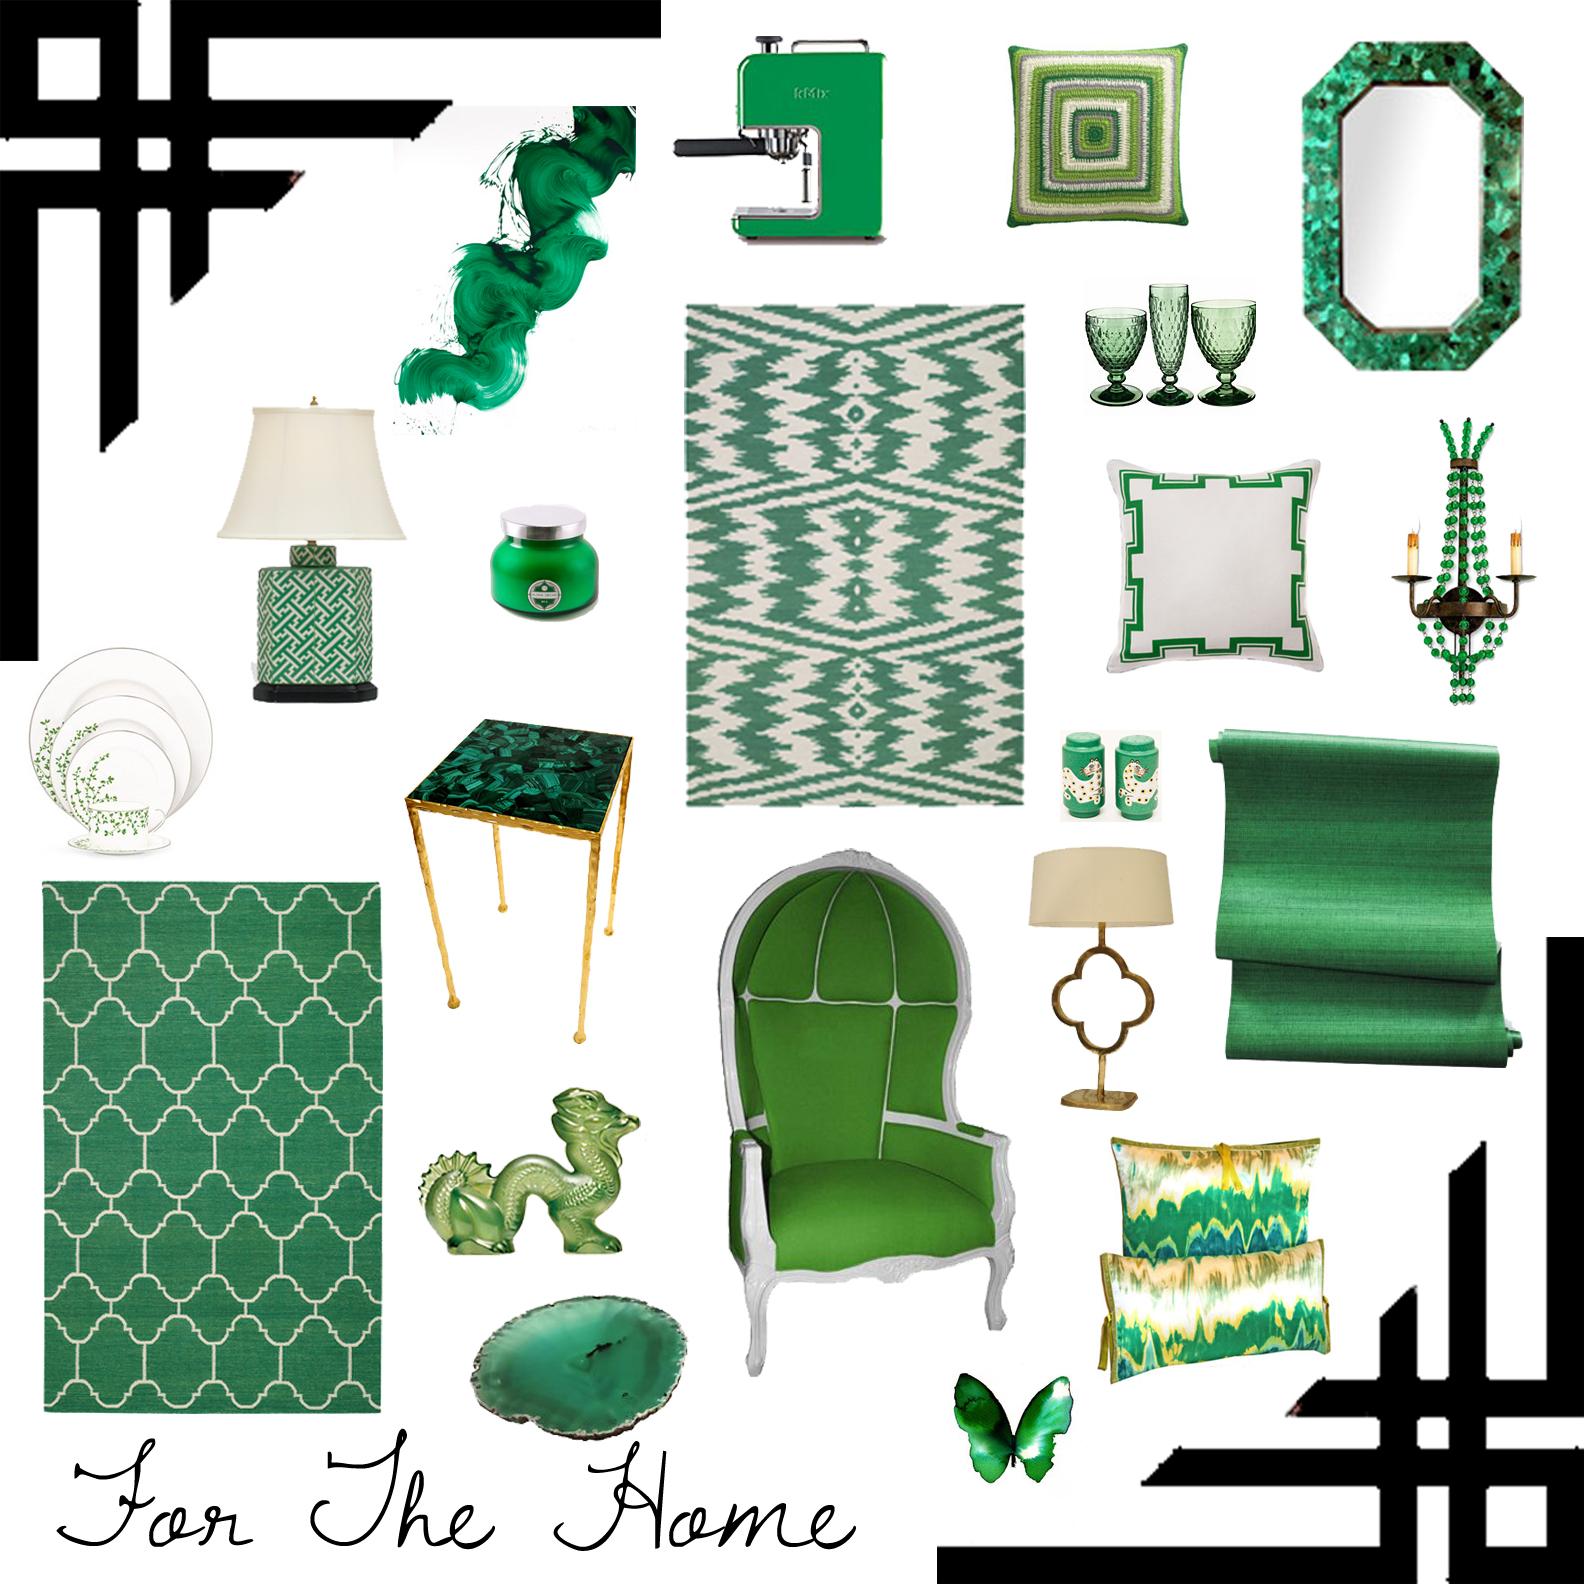 http://1.bp.blogspot.com/-IhOi58s9lk8/T1_wXurH3ZI/AAAAAAAAAvg/SNQkicW_mqU/s1600/Green+for+Home.jpg